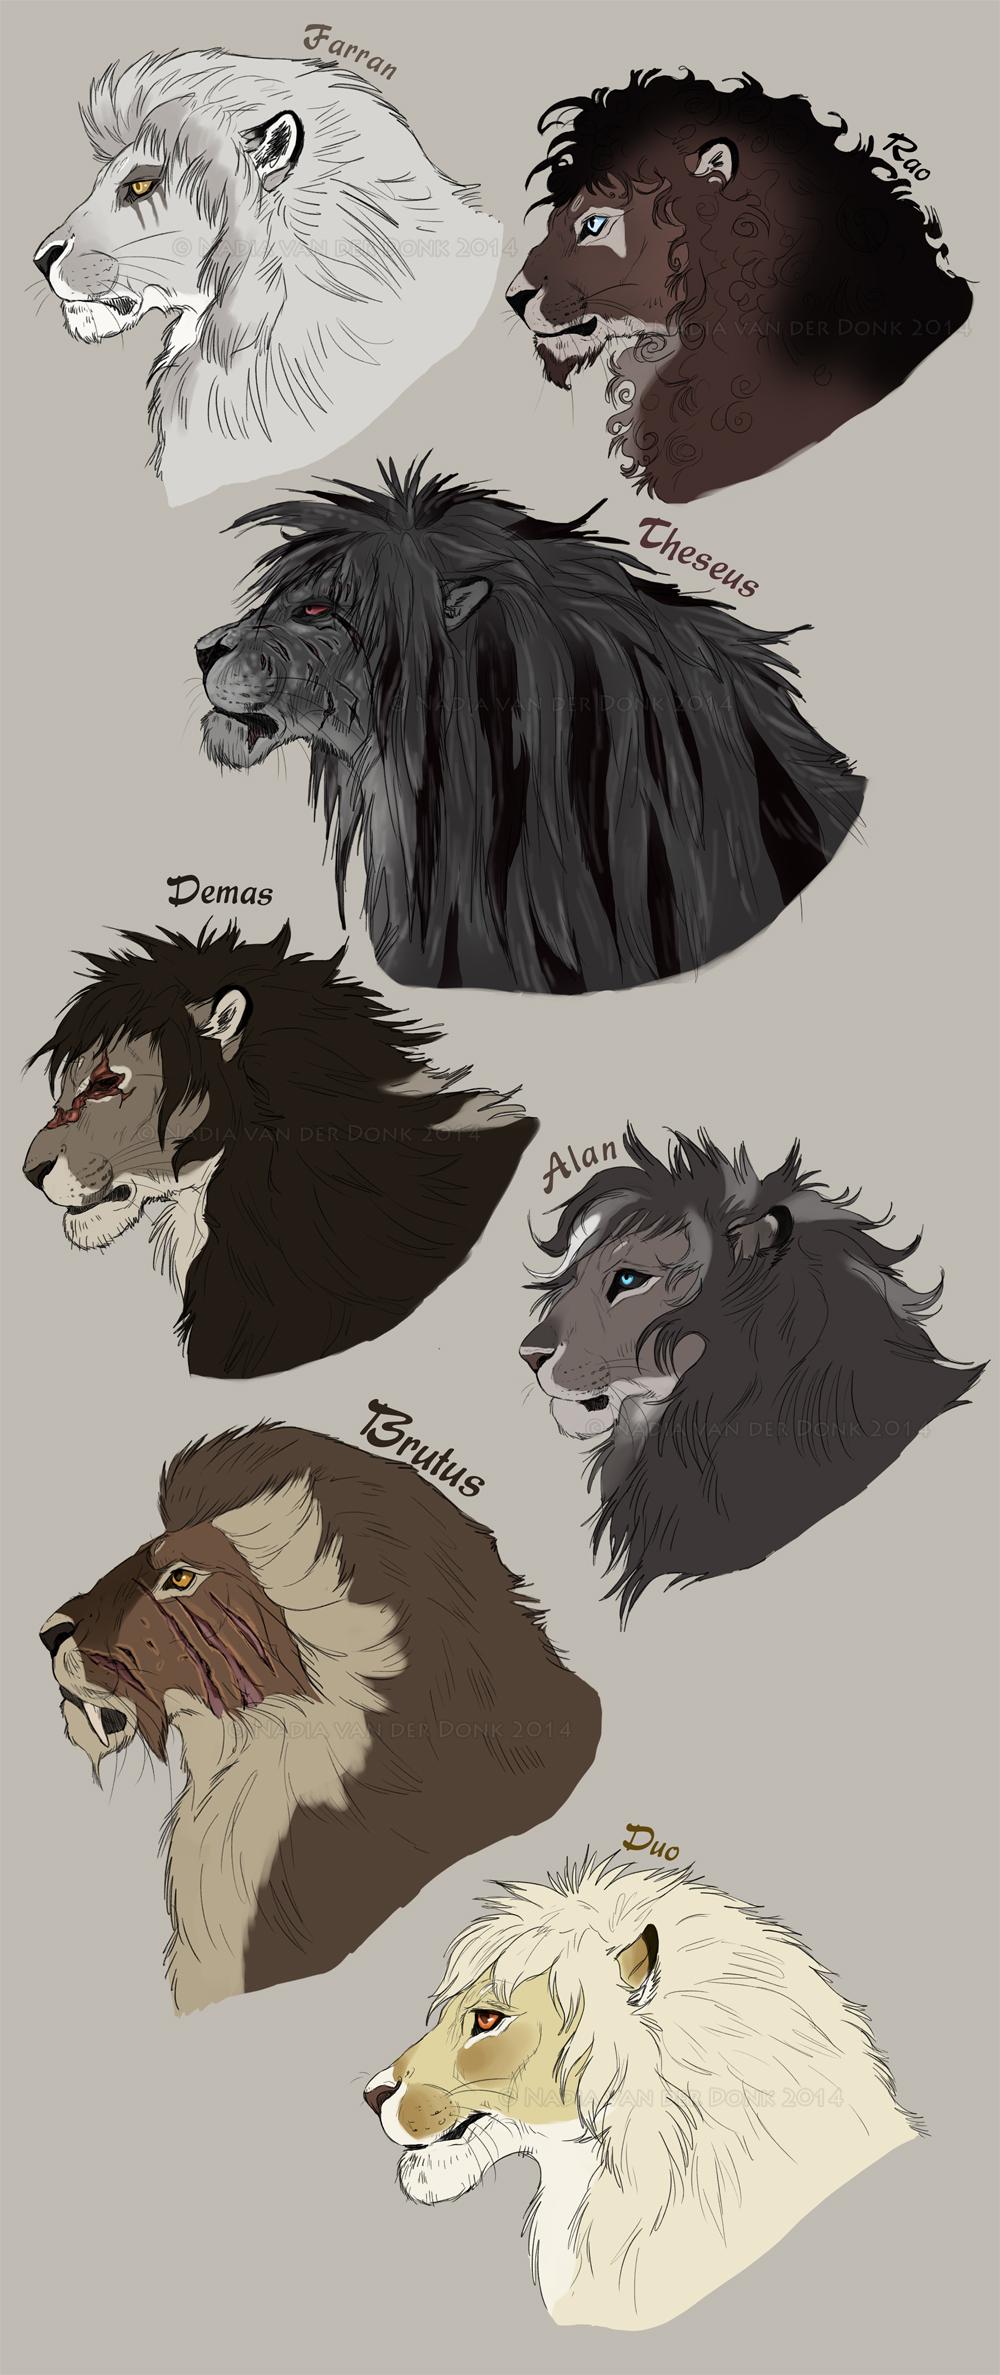 The gentlemen of the Achidar pride.